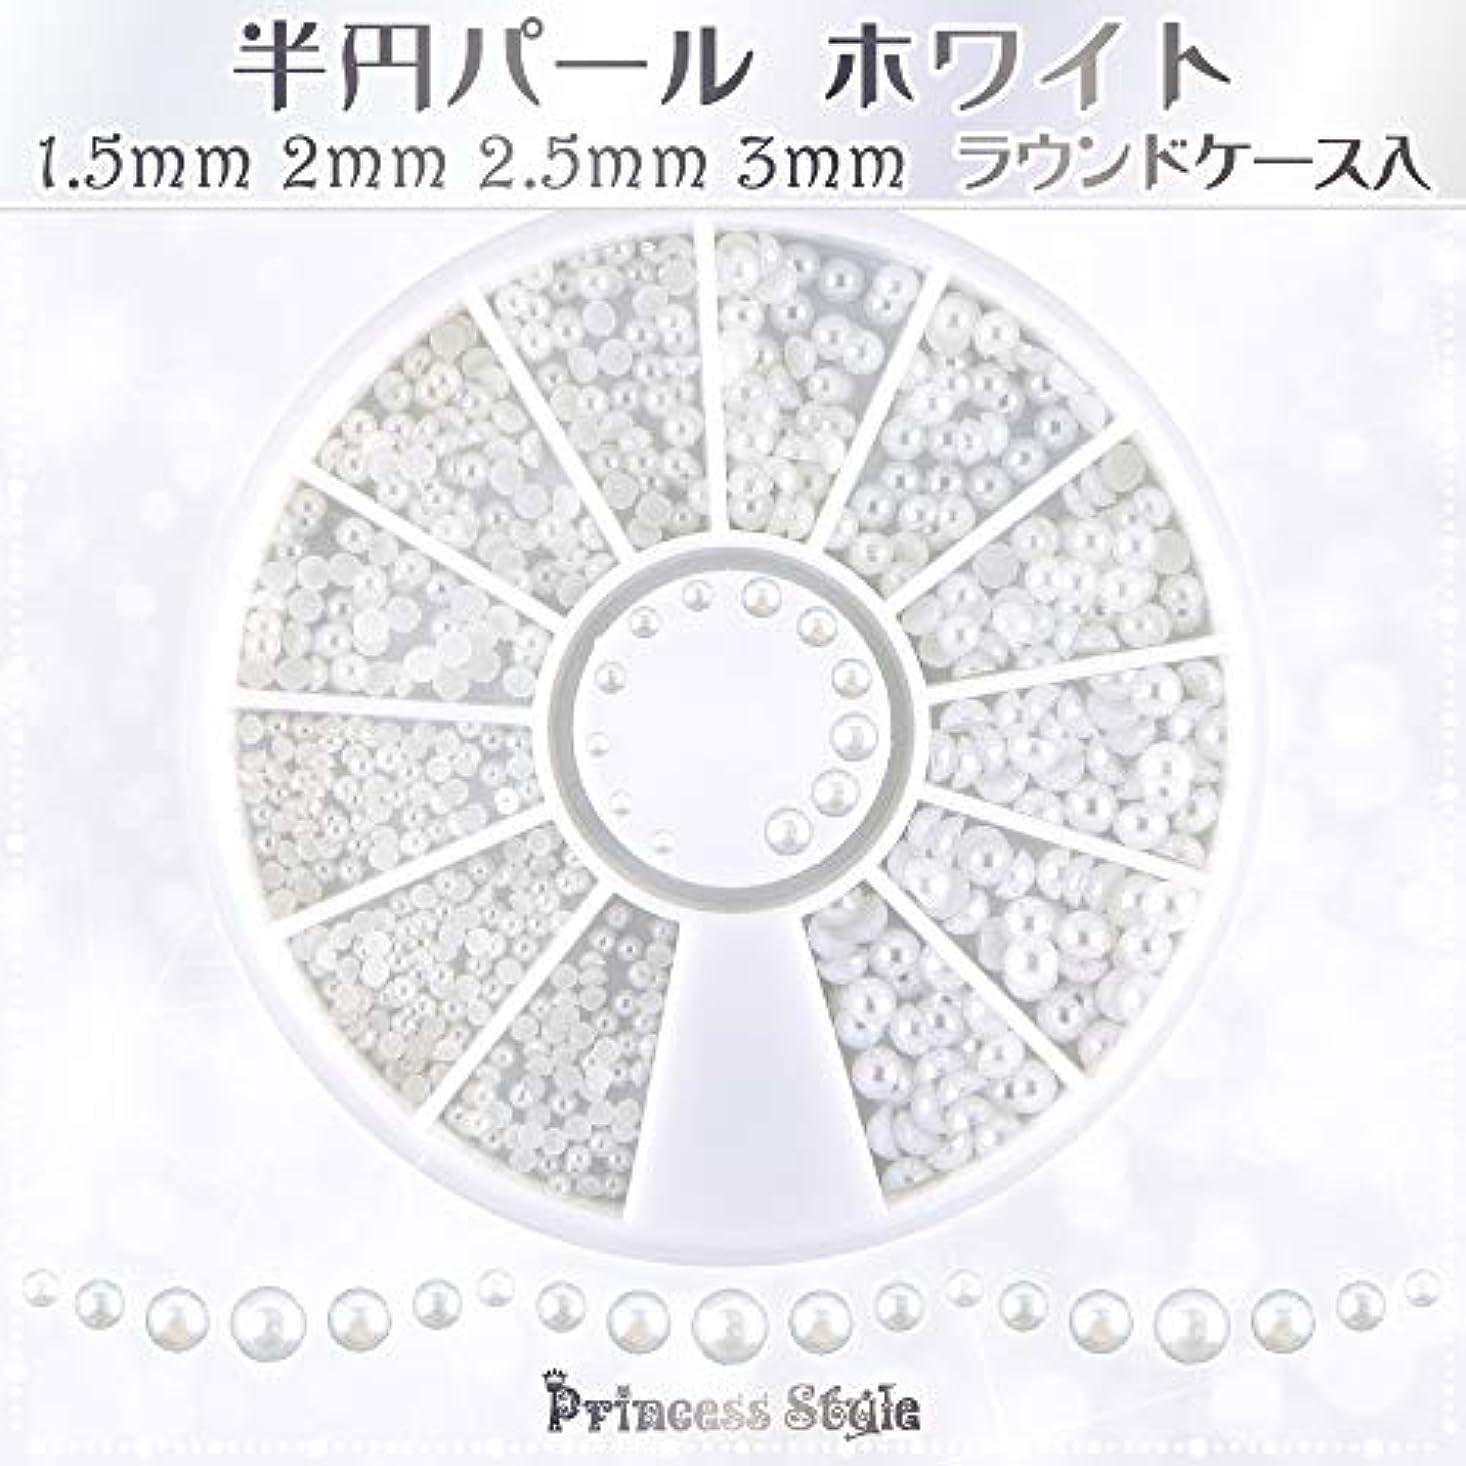 ペースト若者検閲半円パール ホワイト ネイル デコ用 1.5mm,2mm,2.5mm,3mm ラウンドケース入